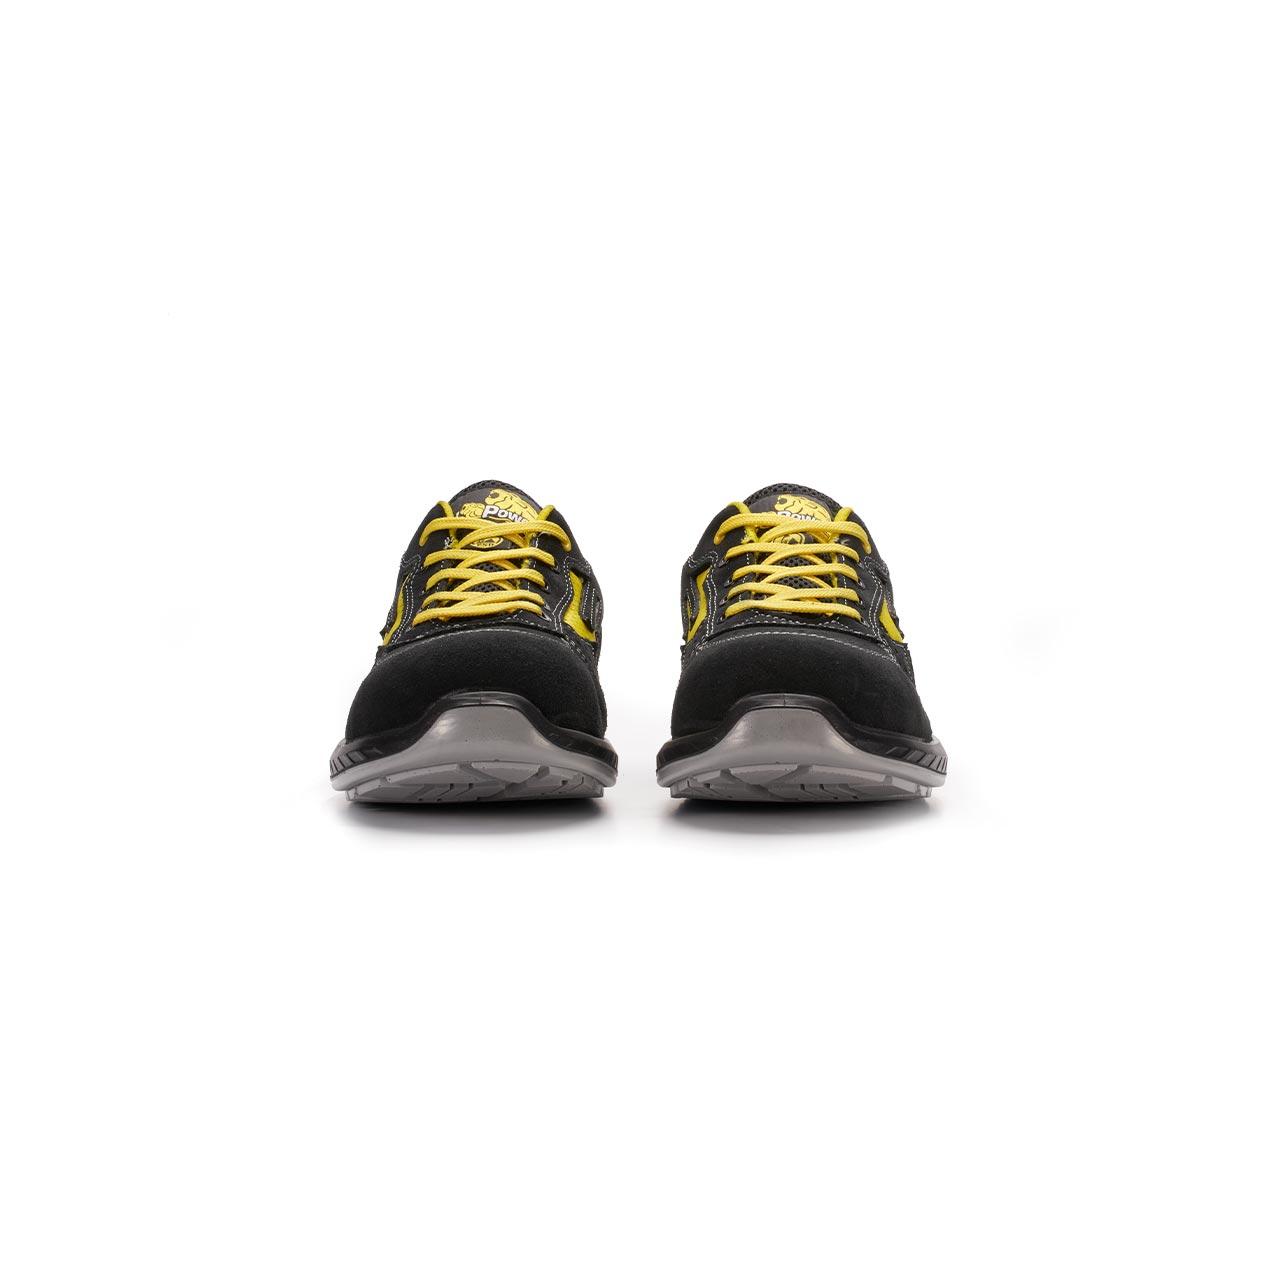 paio di scarpe antinfortunistiche upower modello vortix linea redindustry vista frontale